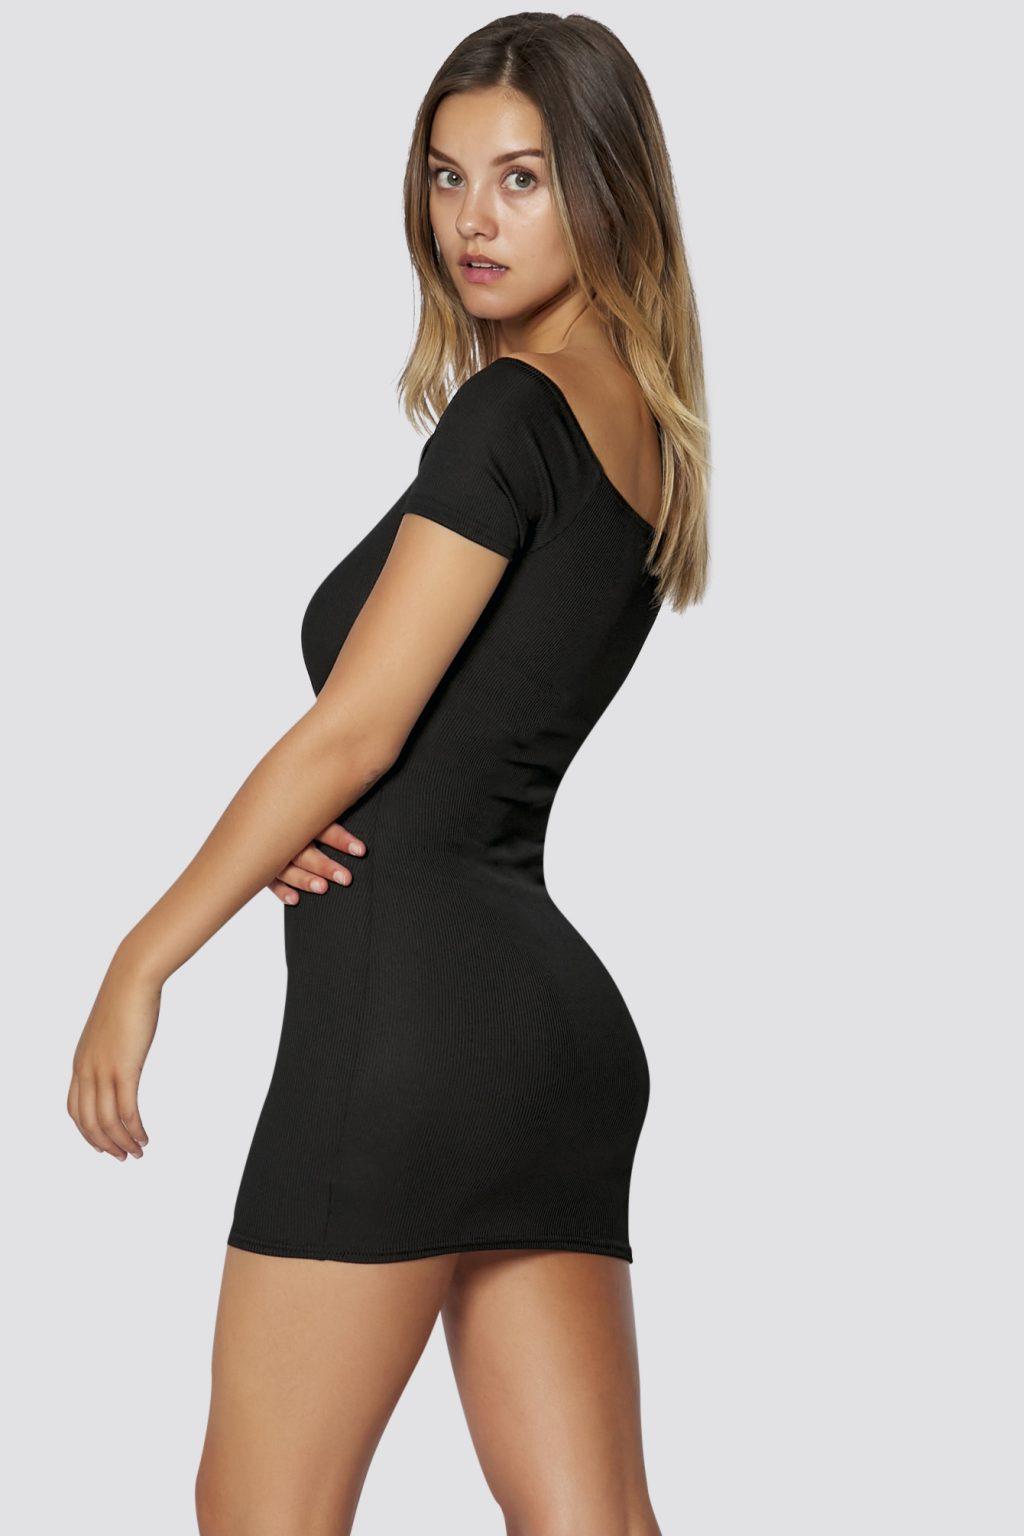 Geripptes Schulterfreies Kleid In Schwarz Sommer Kleid